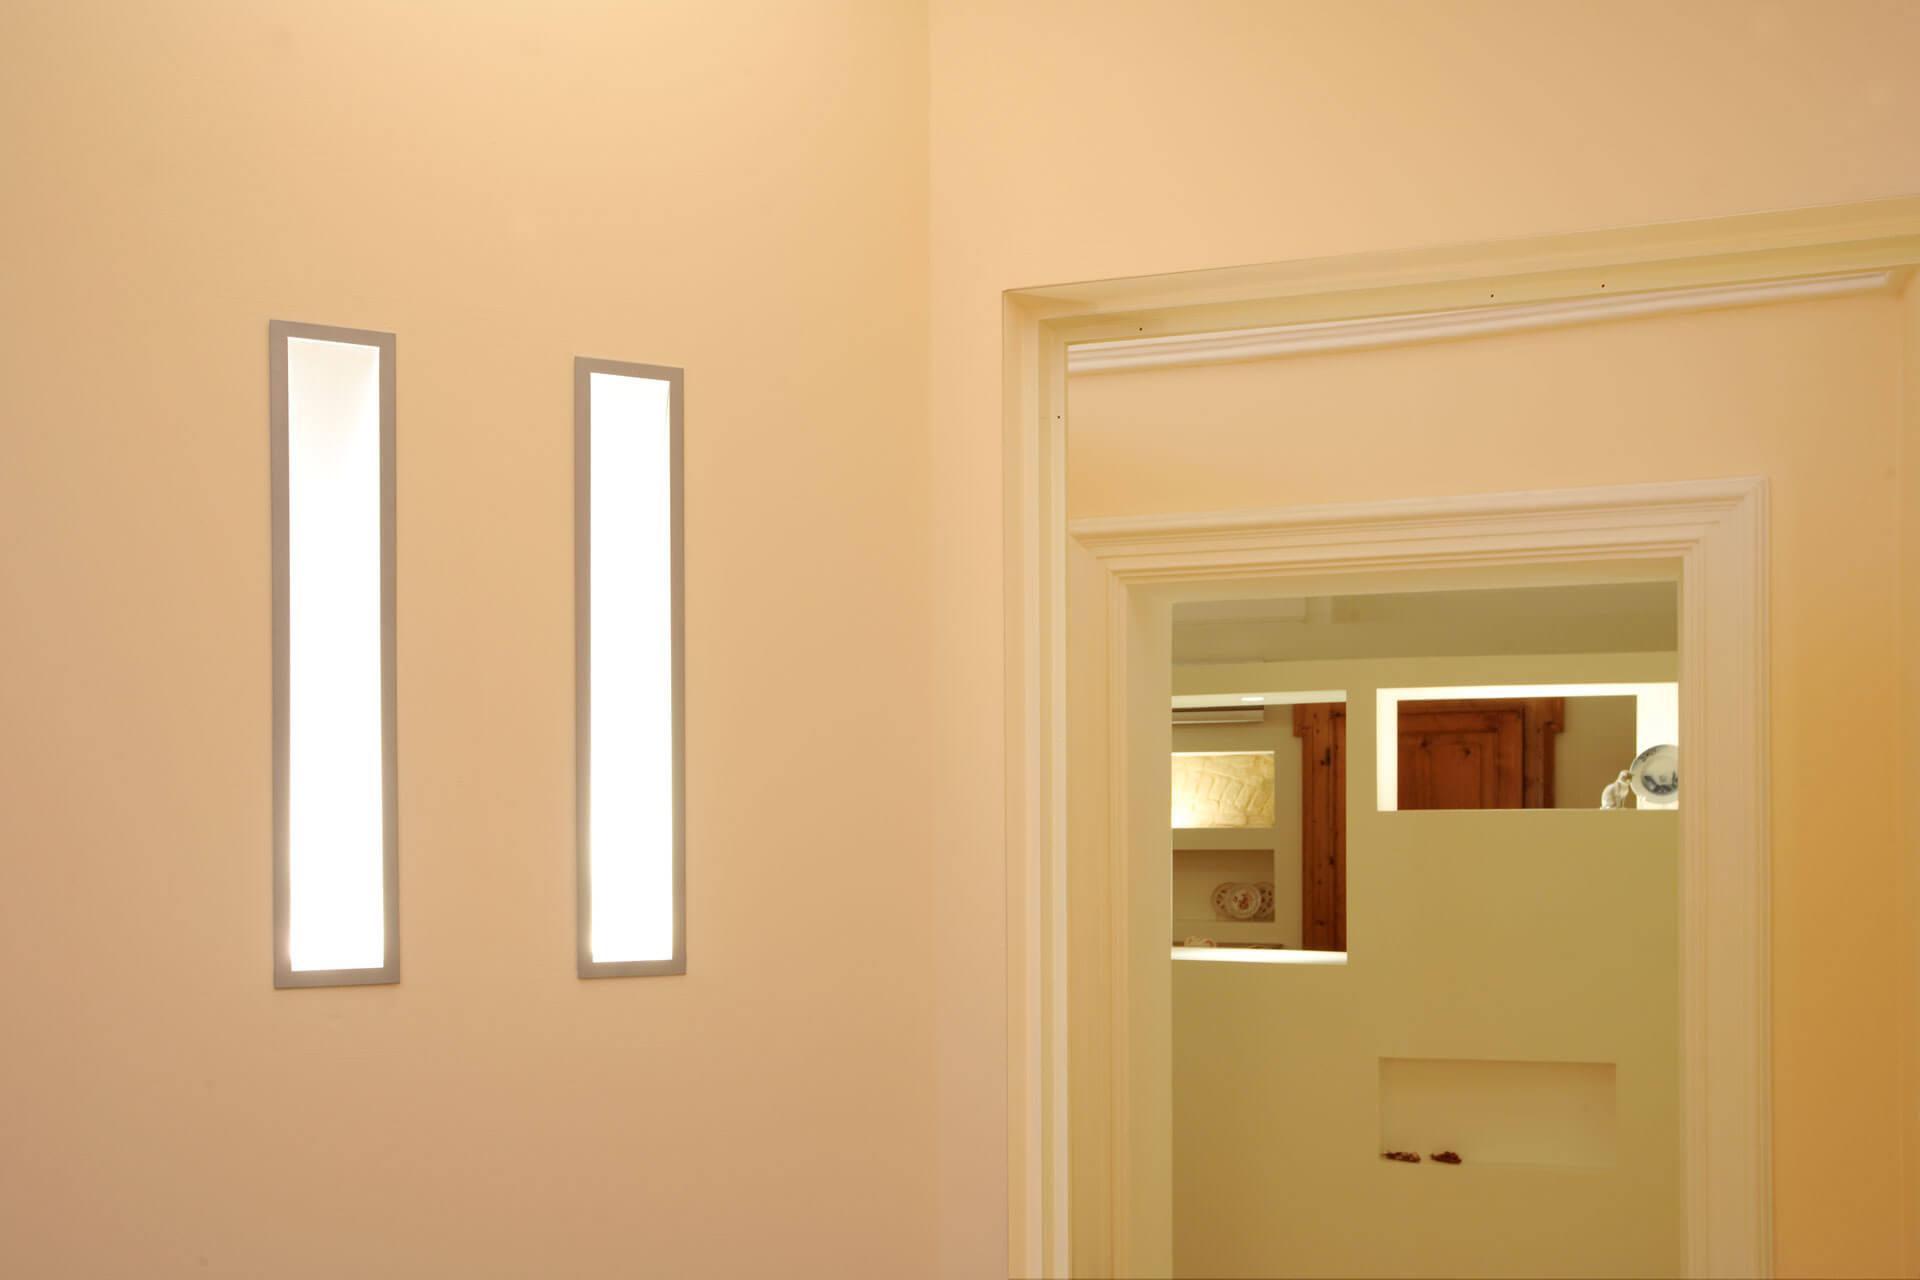 micaela-mazzoni-studio-interior-designer-bologna-progetti-abitativi-gallery-appartamento-via-cesare-battisti-bologna-5